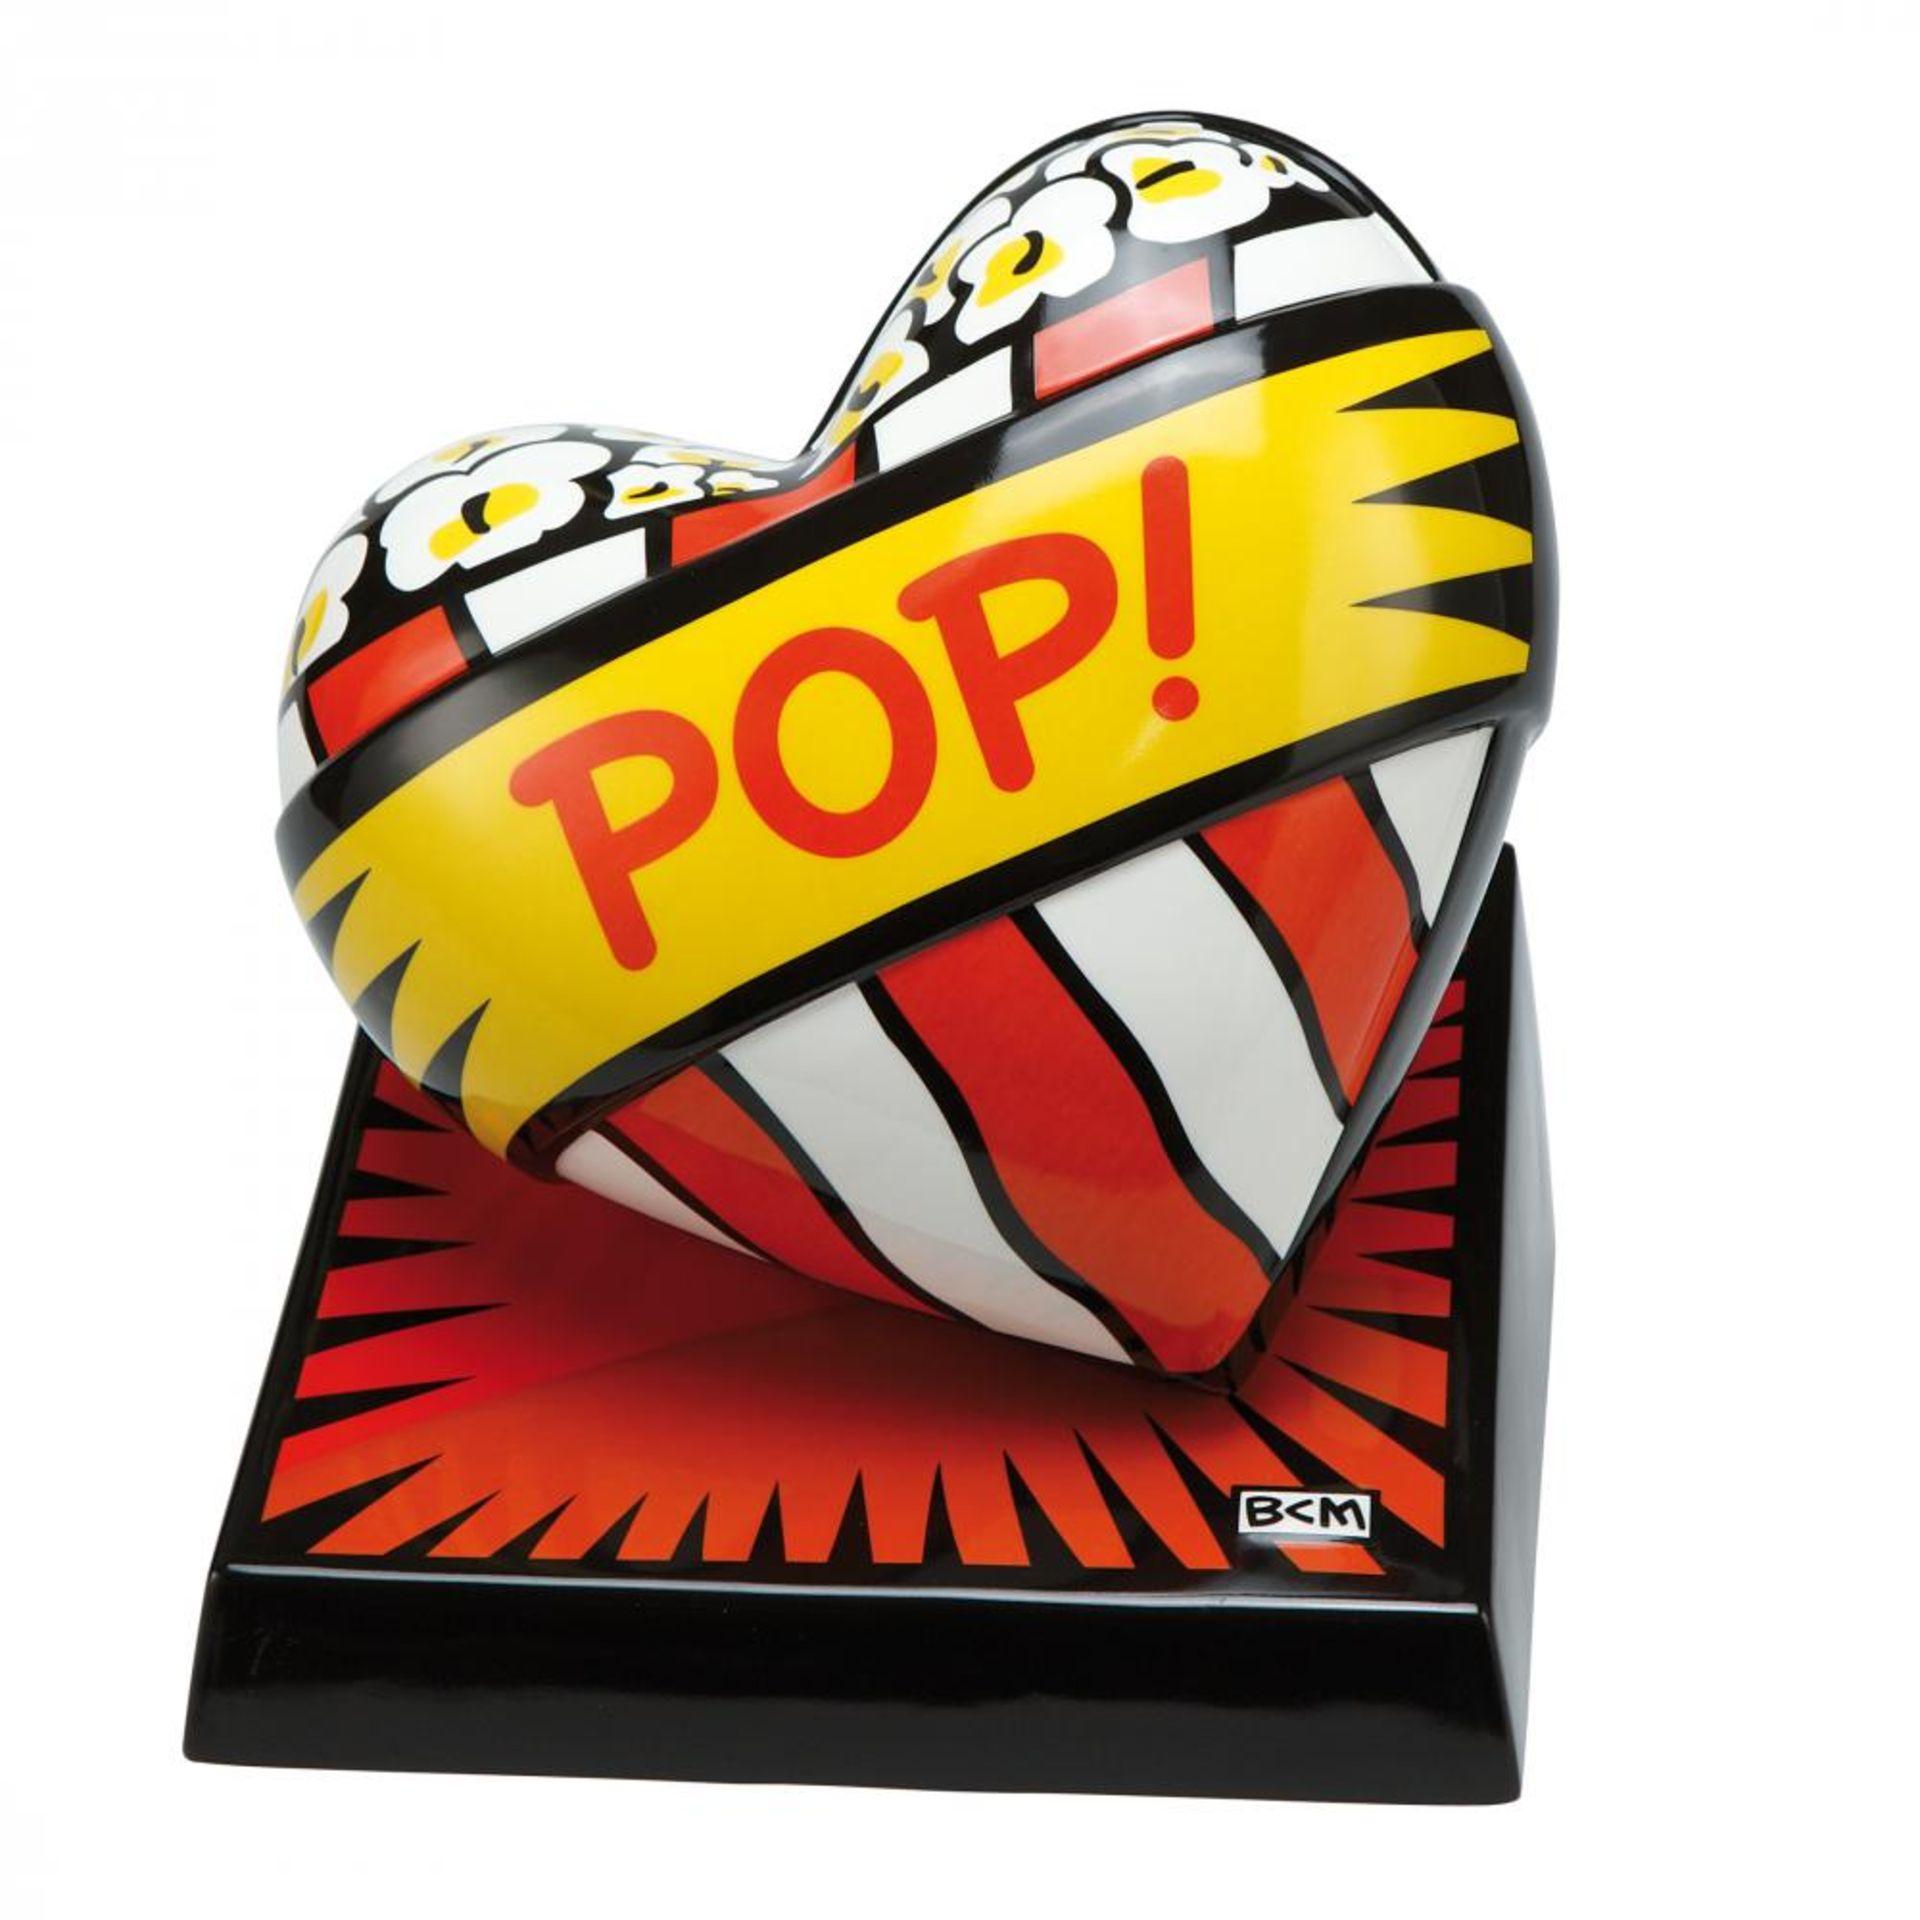 Burton Morris (*1964, Pittsburgh), US-Amerikanischer Künstler der POP-Art. Porzellanherz POP!.